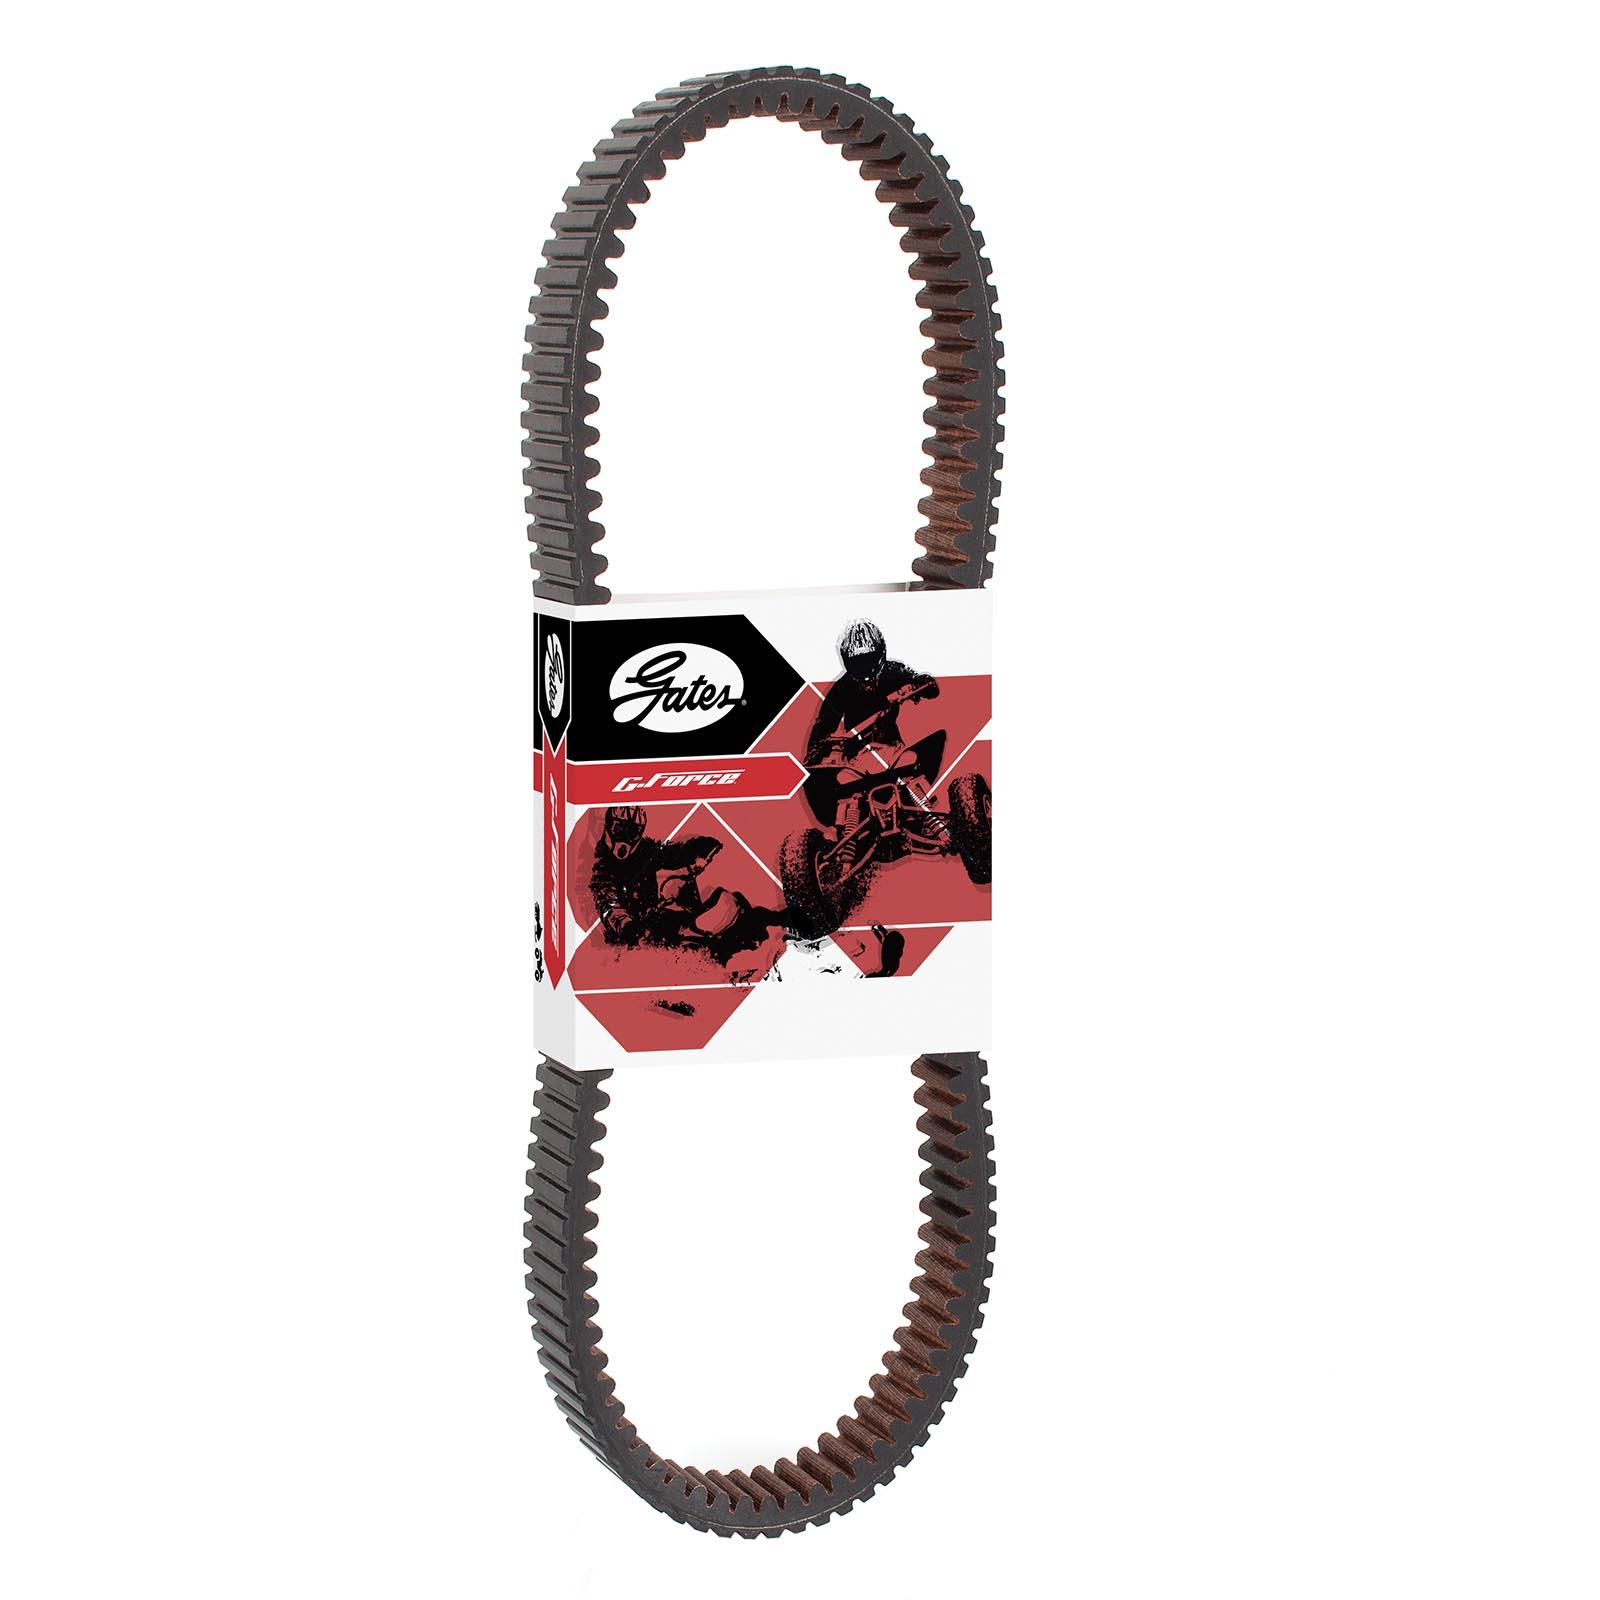 Gates 30C3750 G-Force C12 Carbon Cord Belt Can-Am Ref 420280360 UA446 XTX2236